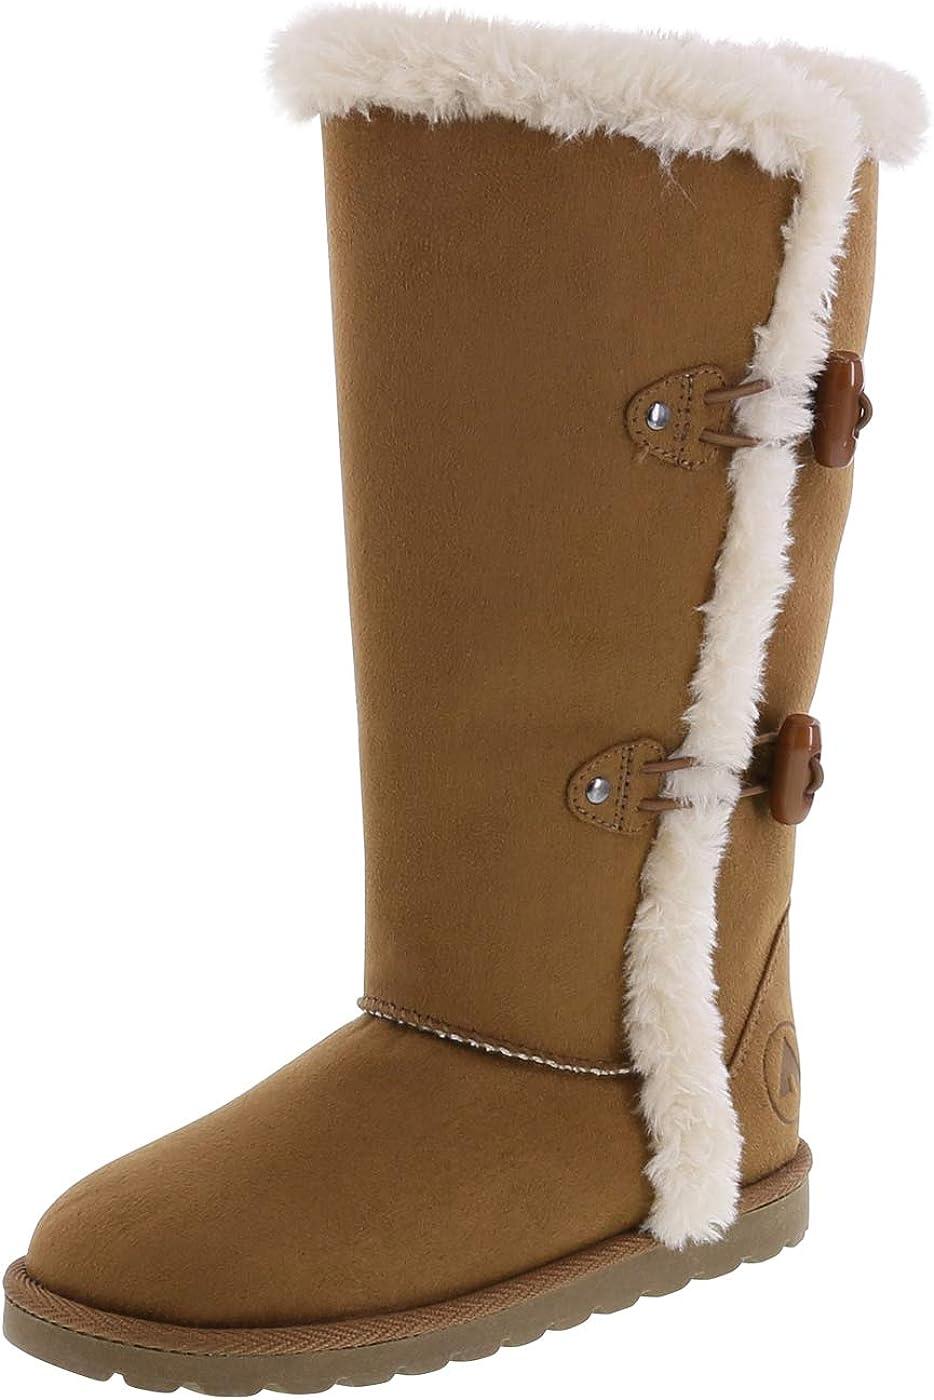 Airwalk Girls' Myra Tall Boots Brown